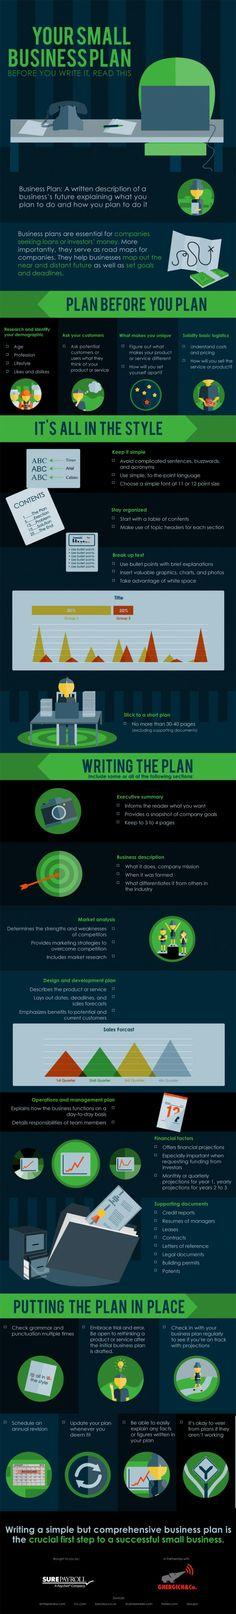 L'entreprise Sure Payroll a réalisé une infographie avec des conseils avisés pour ne pas s'emmêler les pinceaux dans la rédaction du business plan.